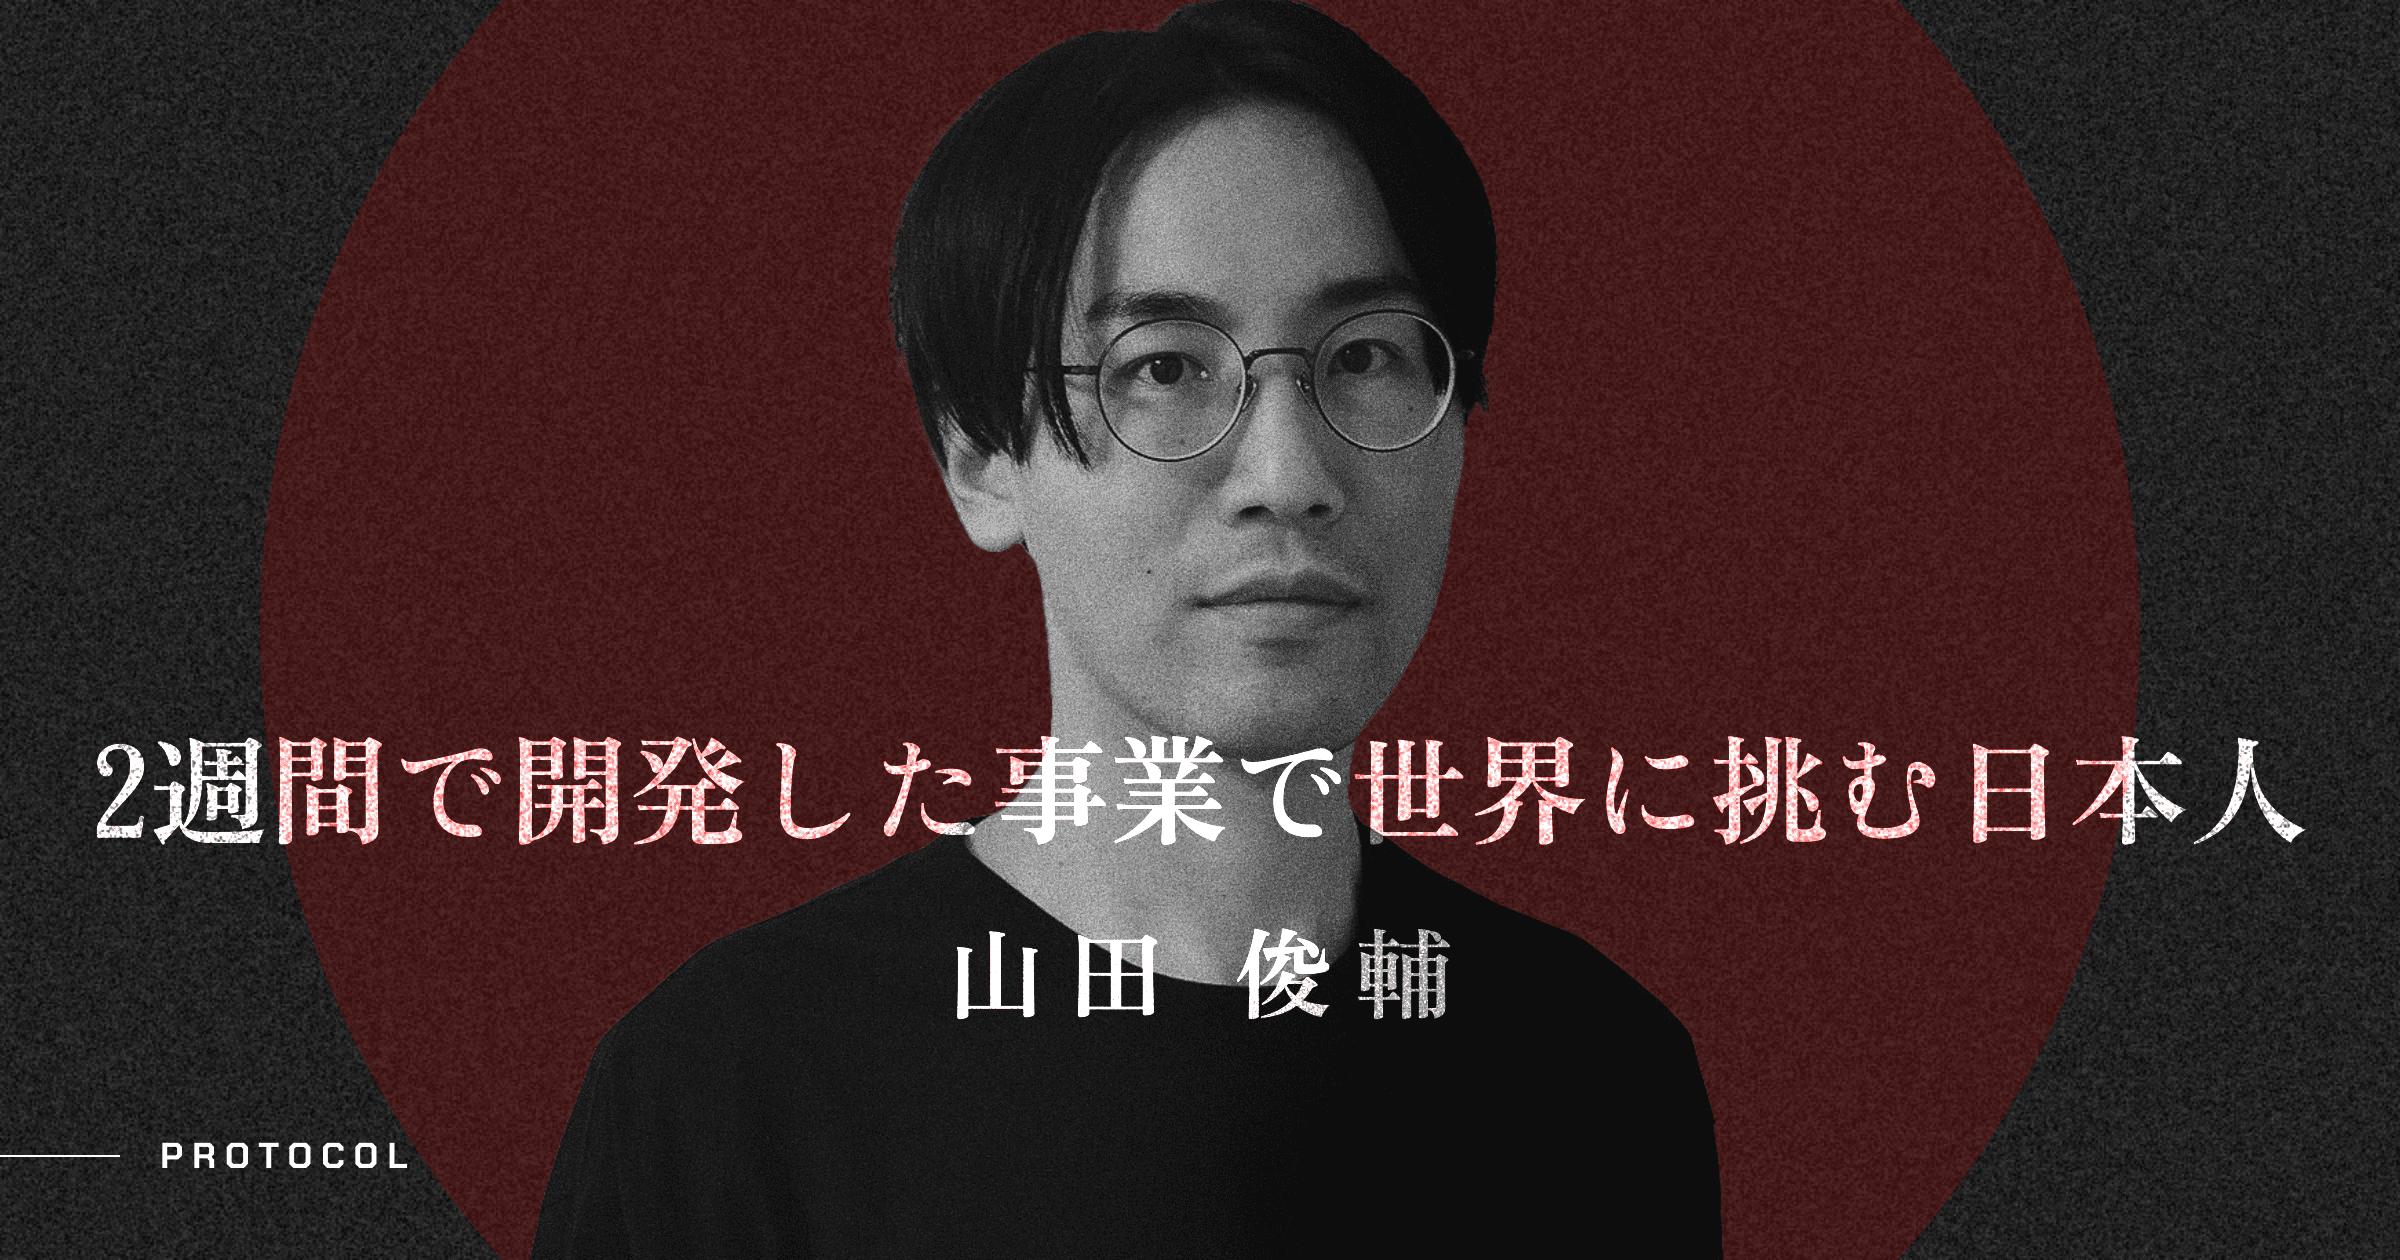 【山田俊輔】2週間で開発した事業で世界に挑む日本人起業家